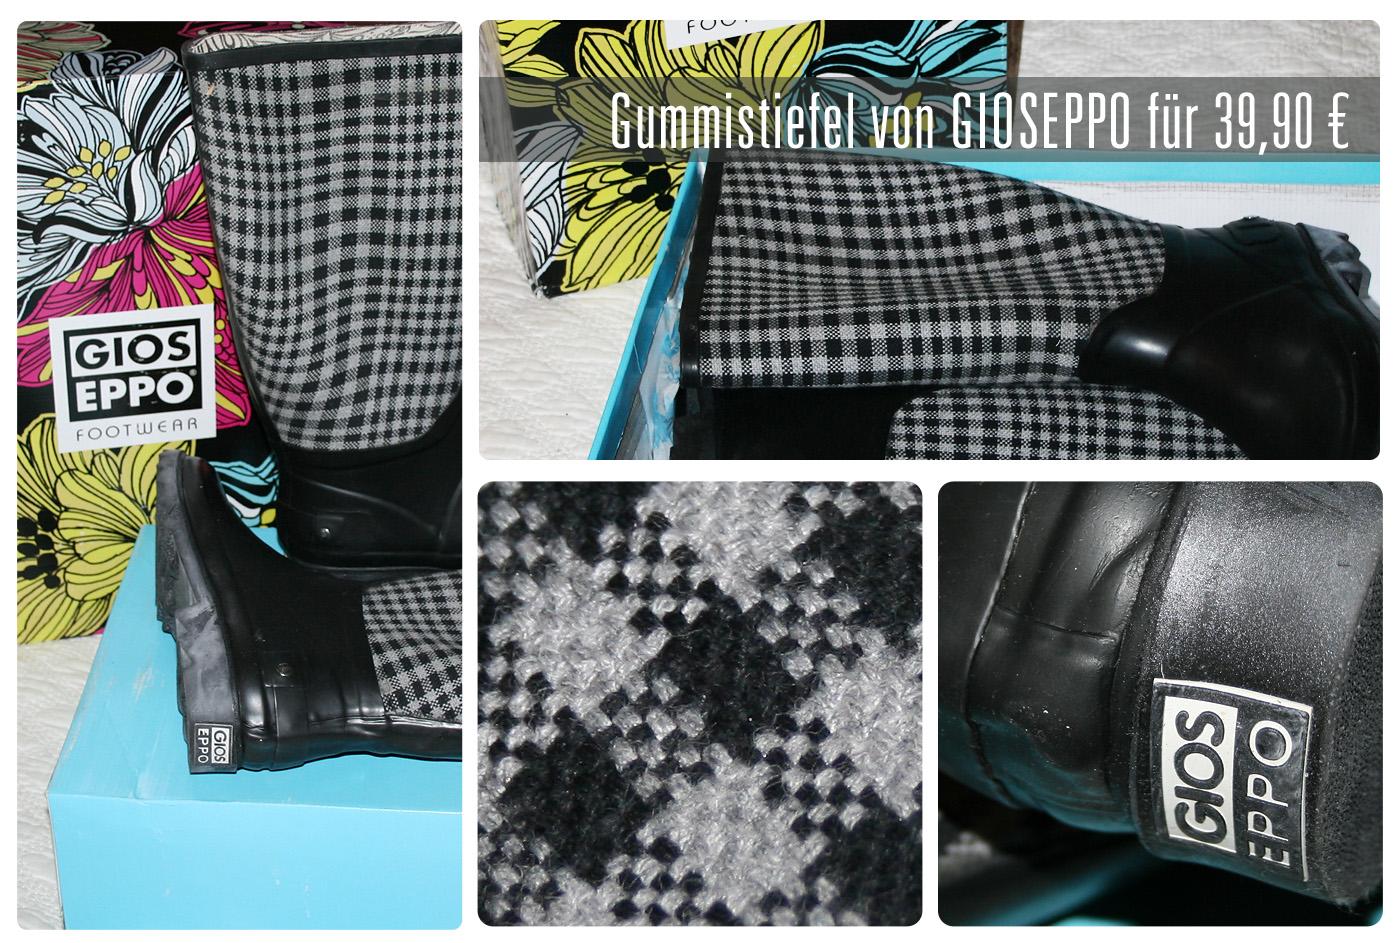 Schicke Gmmistiefel von Gioseppo - robust, stylisch, preiswert